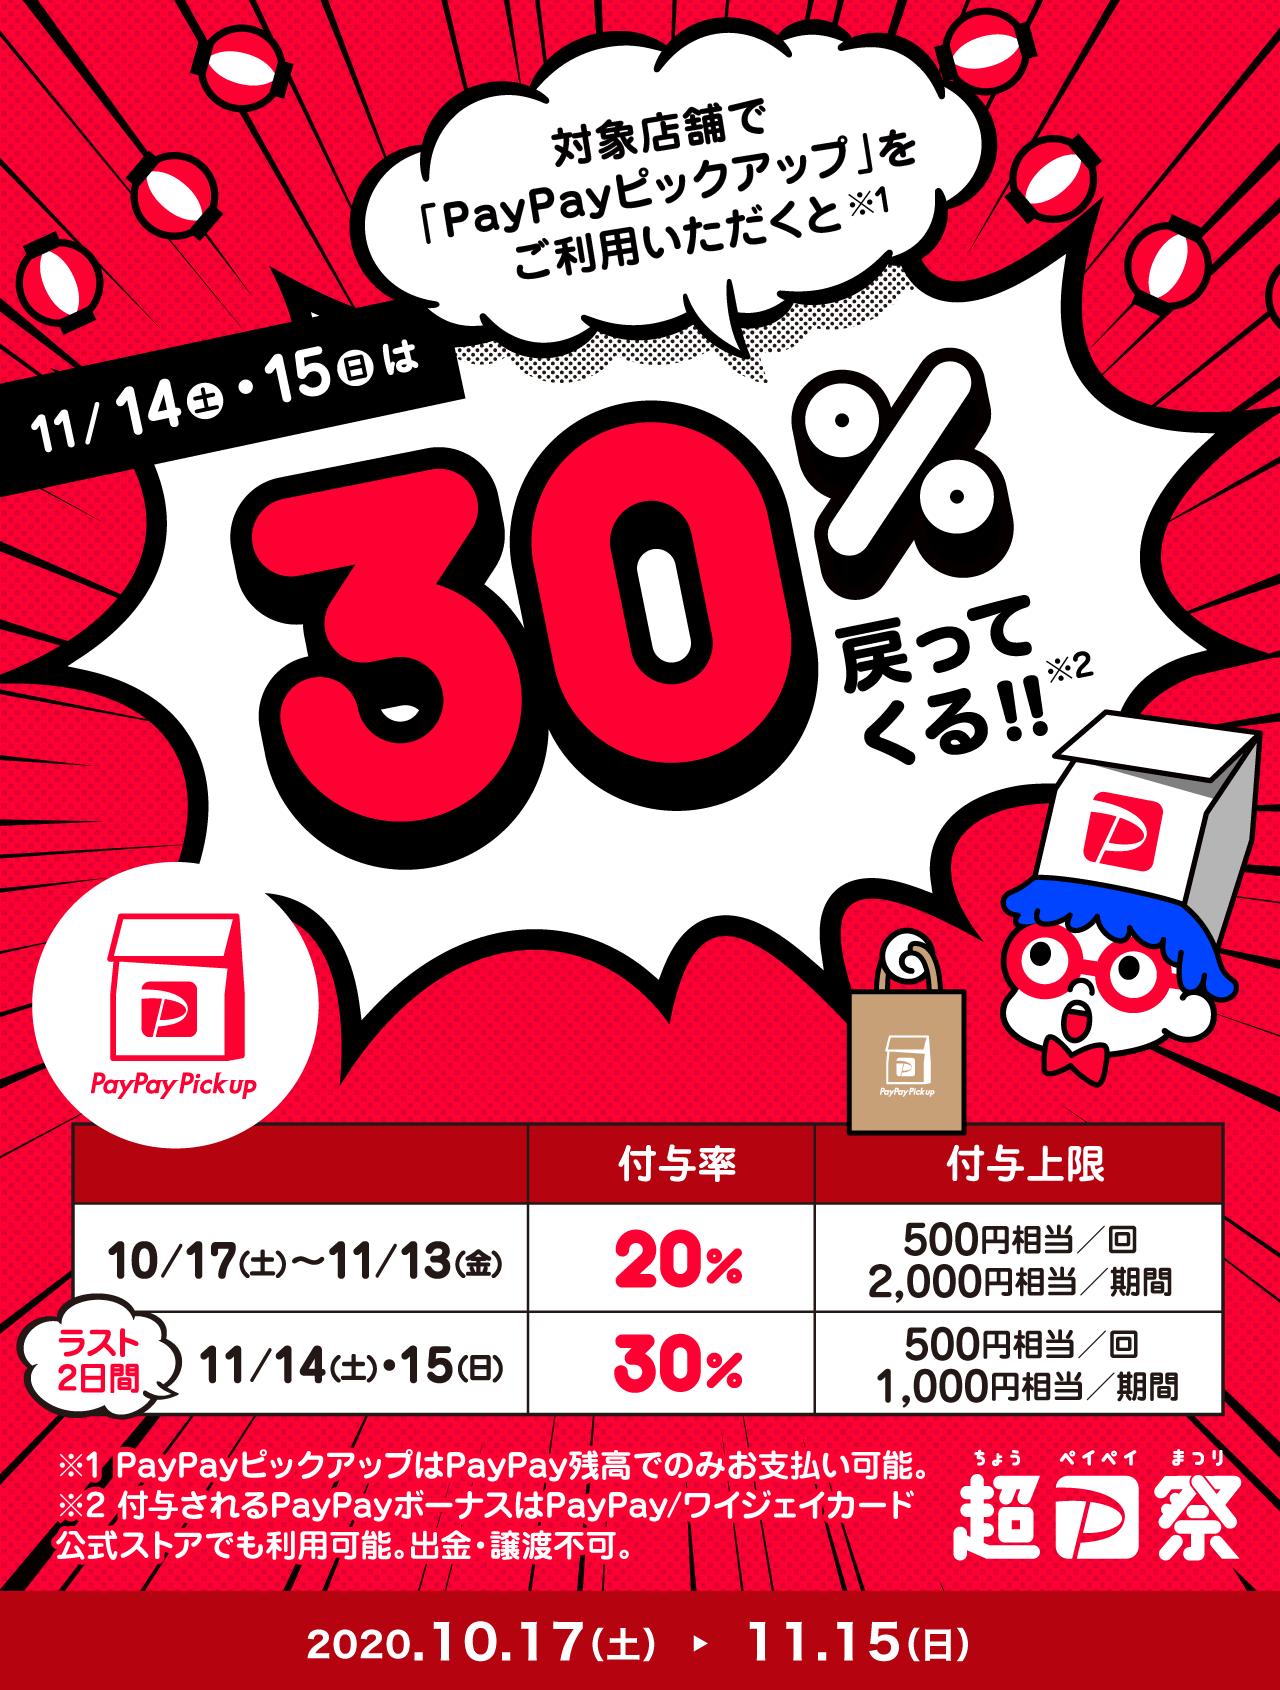 対象店舗で「PayPayピックアップ」をご利用いただくと11/14・15は30%戻ってくる!!